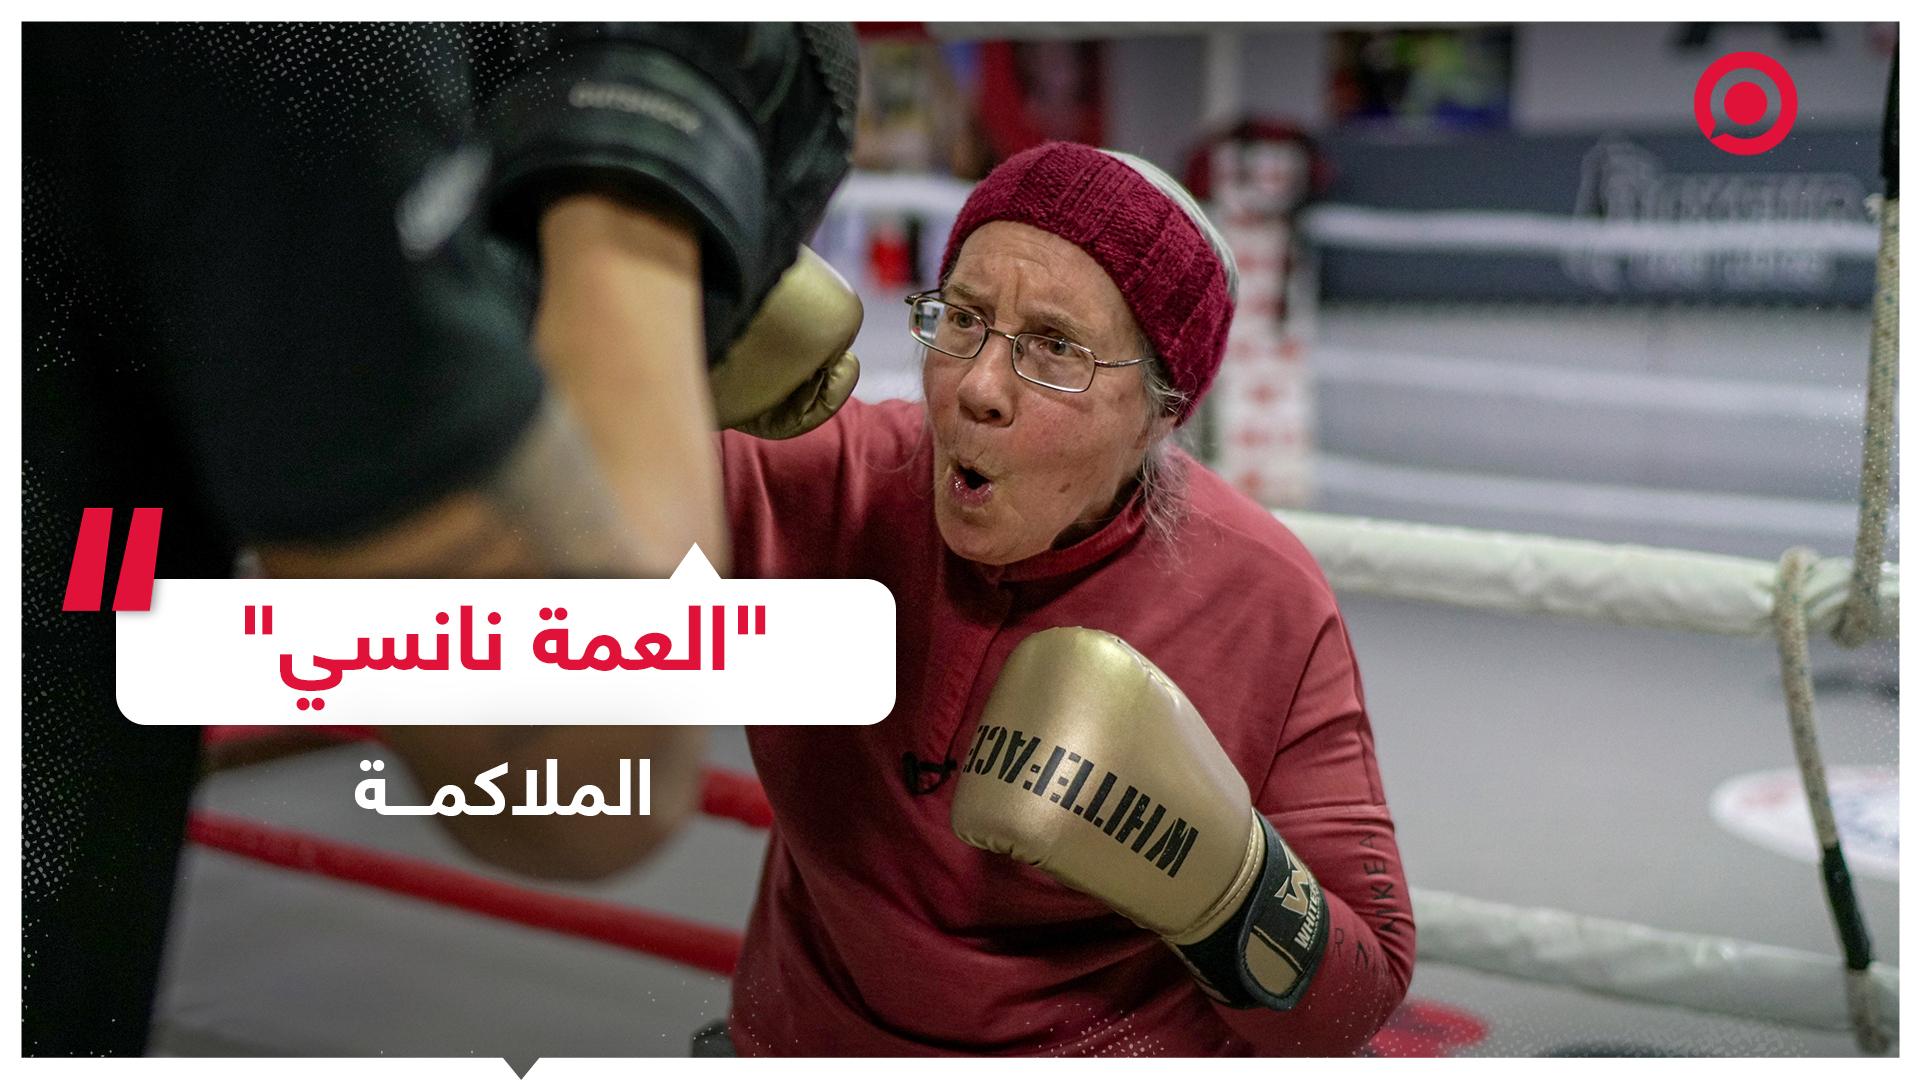 #ملاكمة #مرض #باركنسون #عجوز #تركيا #رياضة #لعب